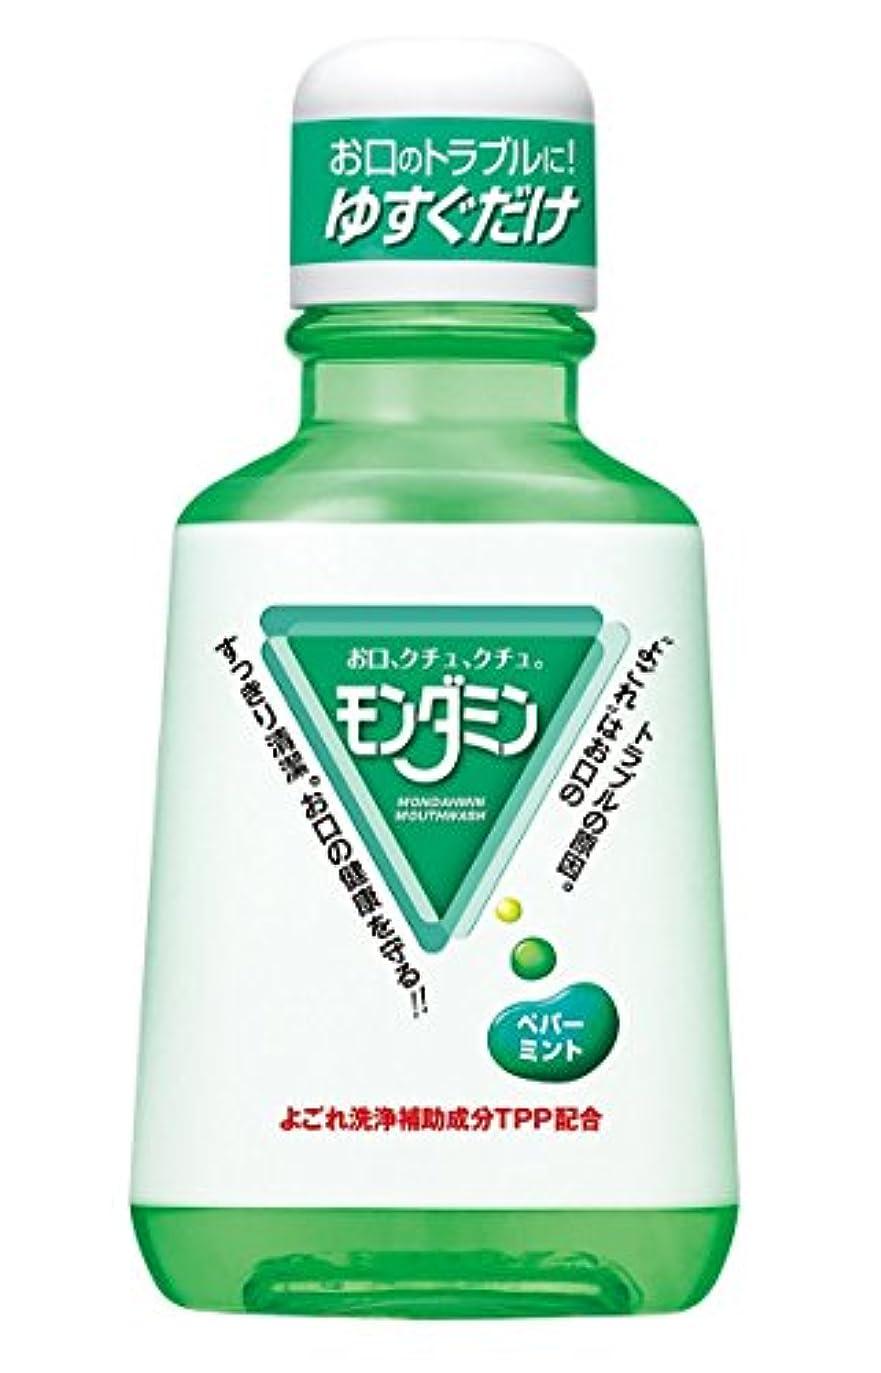 かもめ快適ブース【アース製薬】モンダミン ペパーミント 80mL ×5個セット